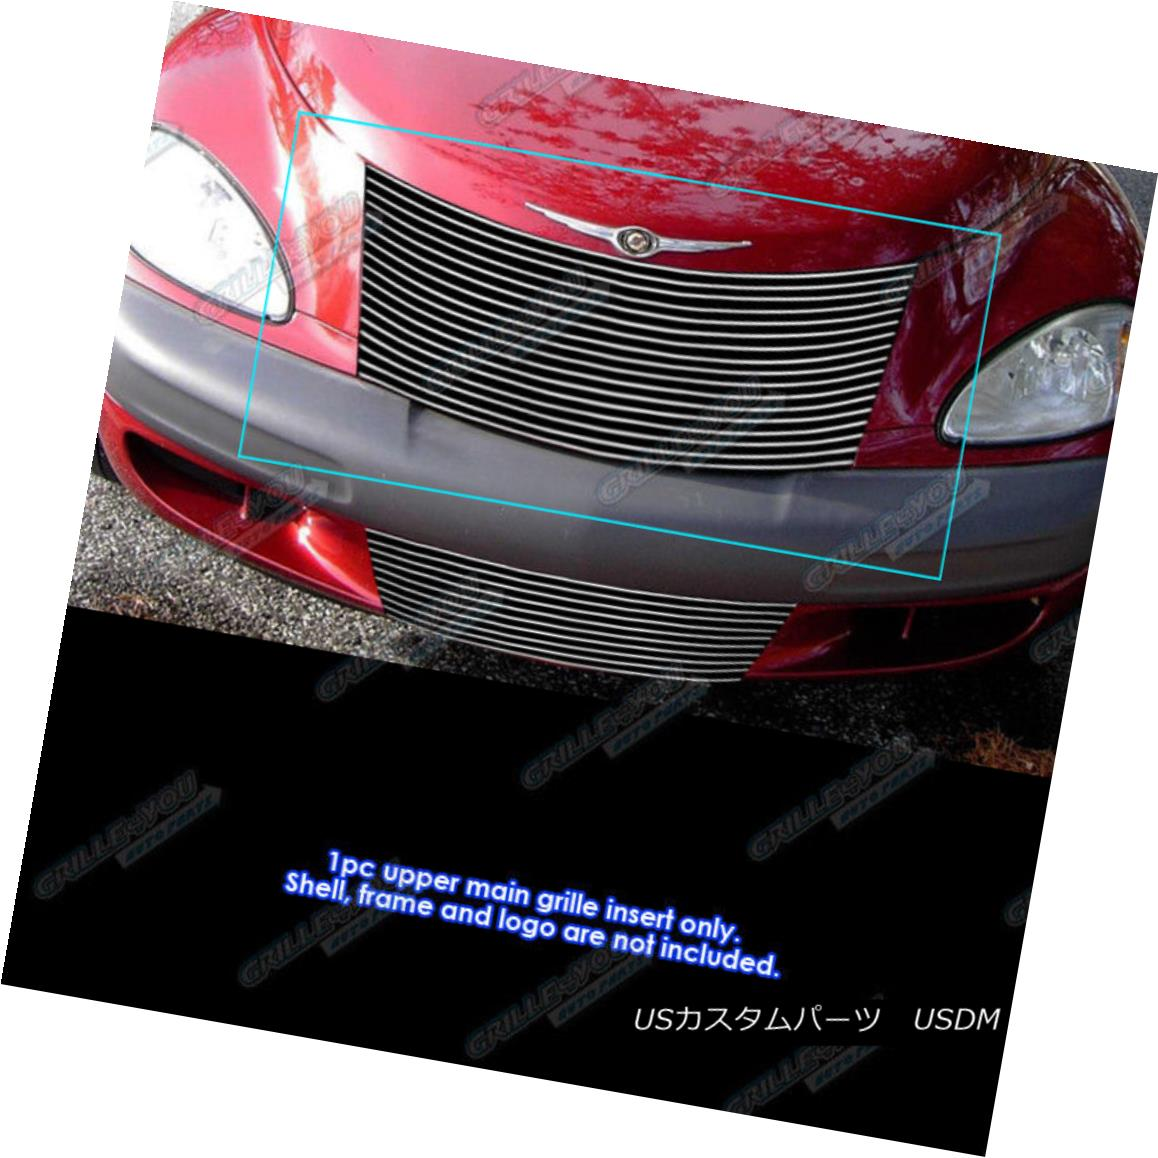 グリル Fits 2000-2005 Chrysler PT Cruiser Billet Grille Grill Insert フィット2000-2005クライスラーPTクルーザービレットグリルグリルインサート